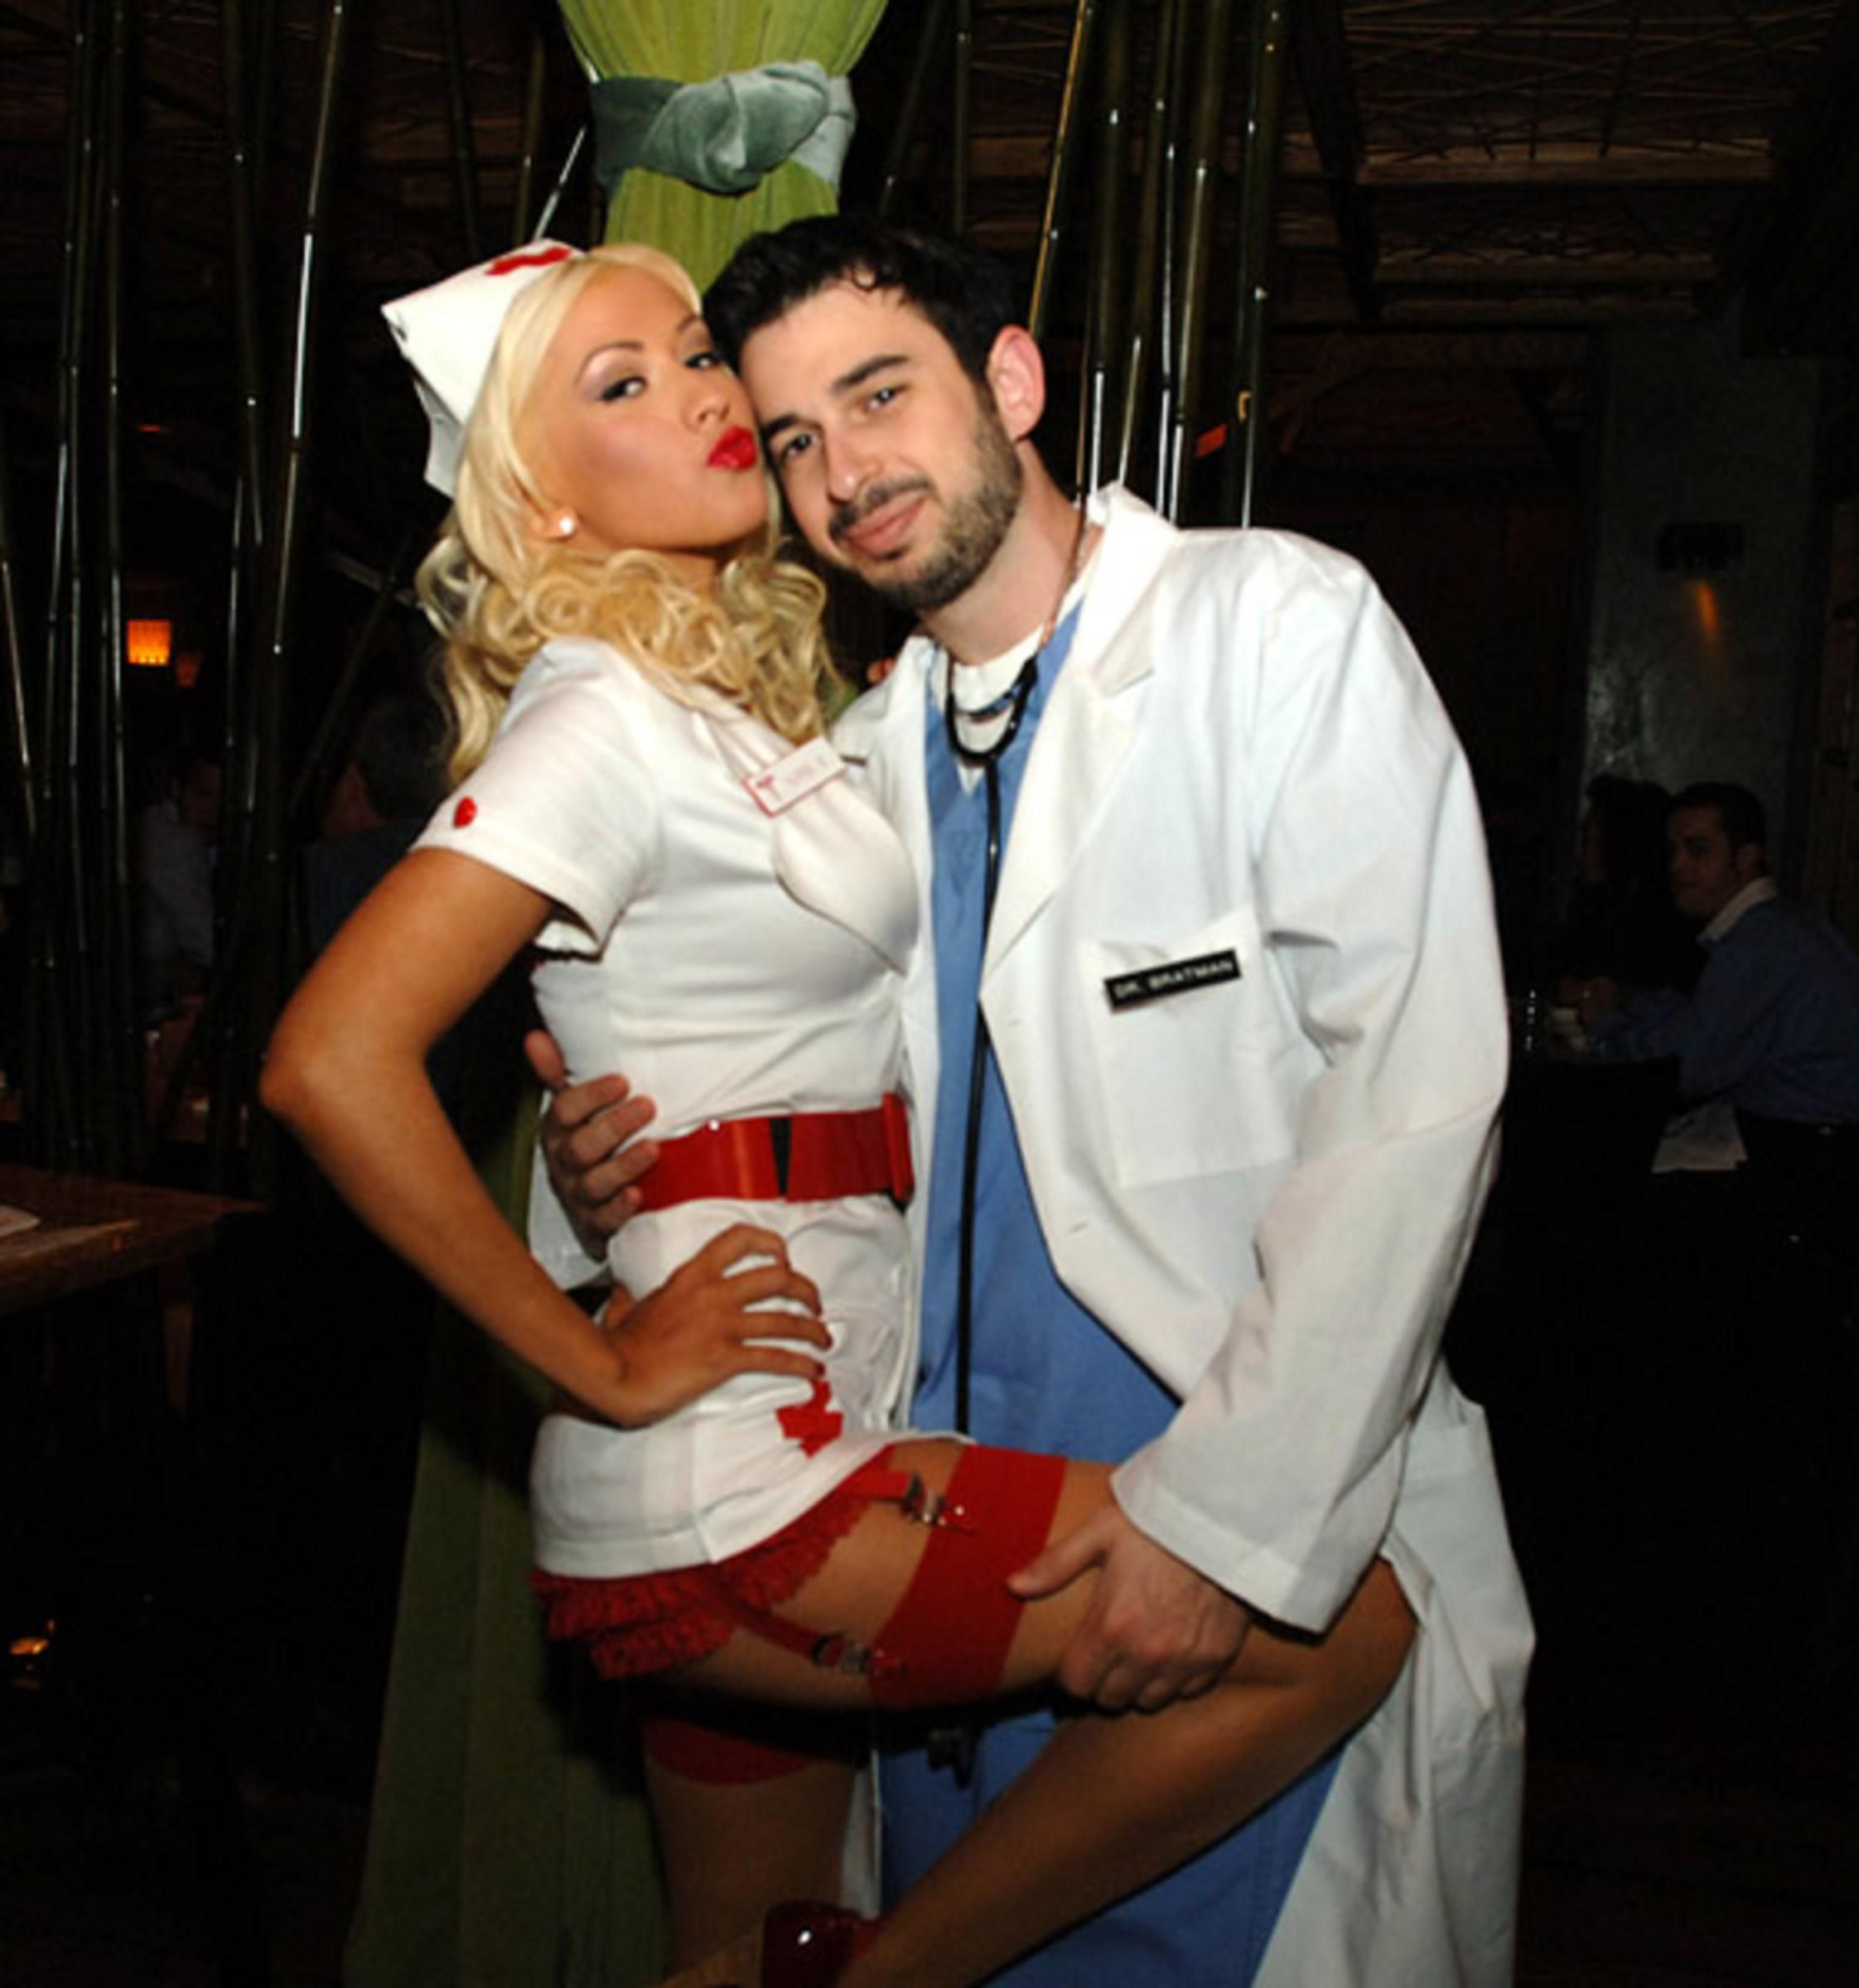 christina aguilera playing naughty nurse on halloween - Christina Aguilera Halloween